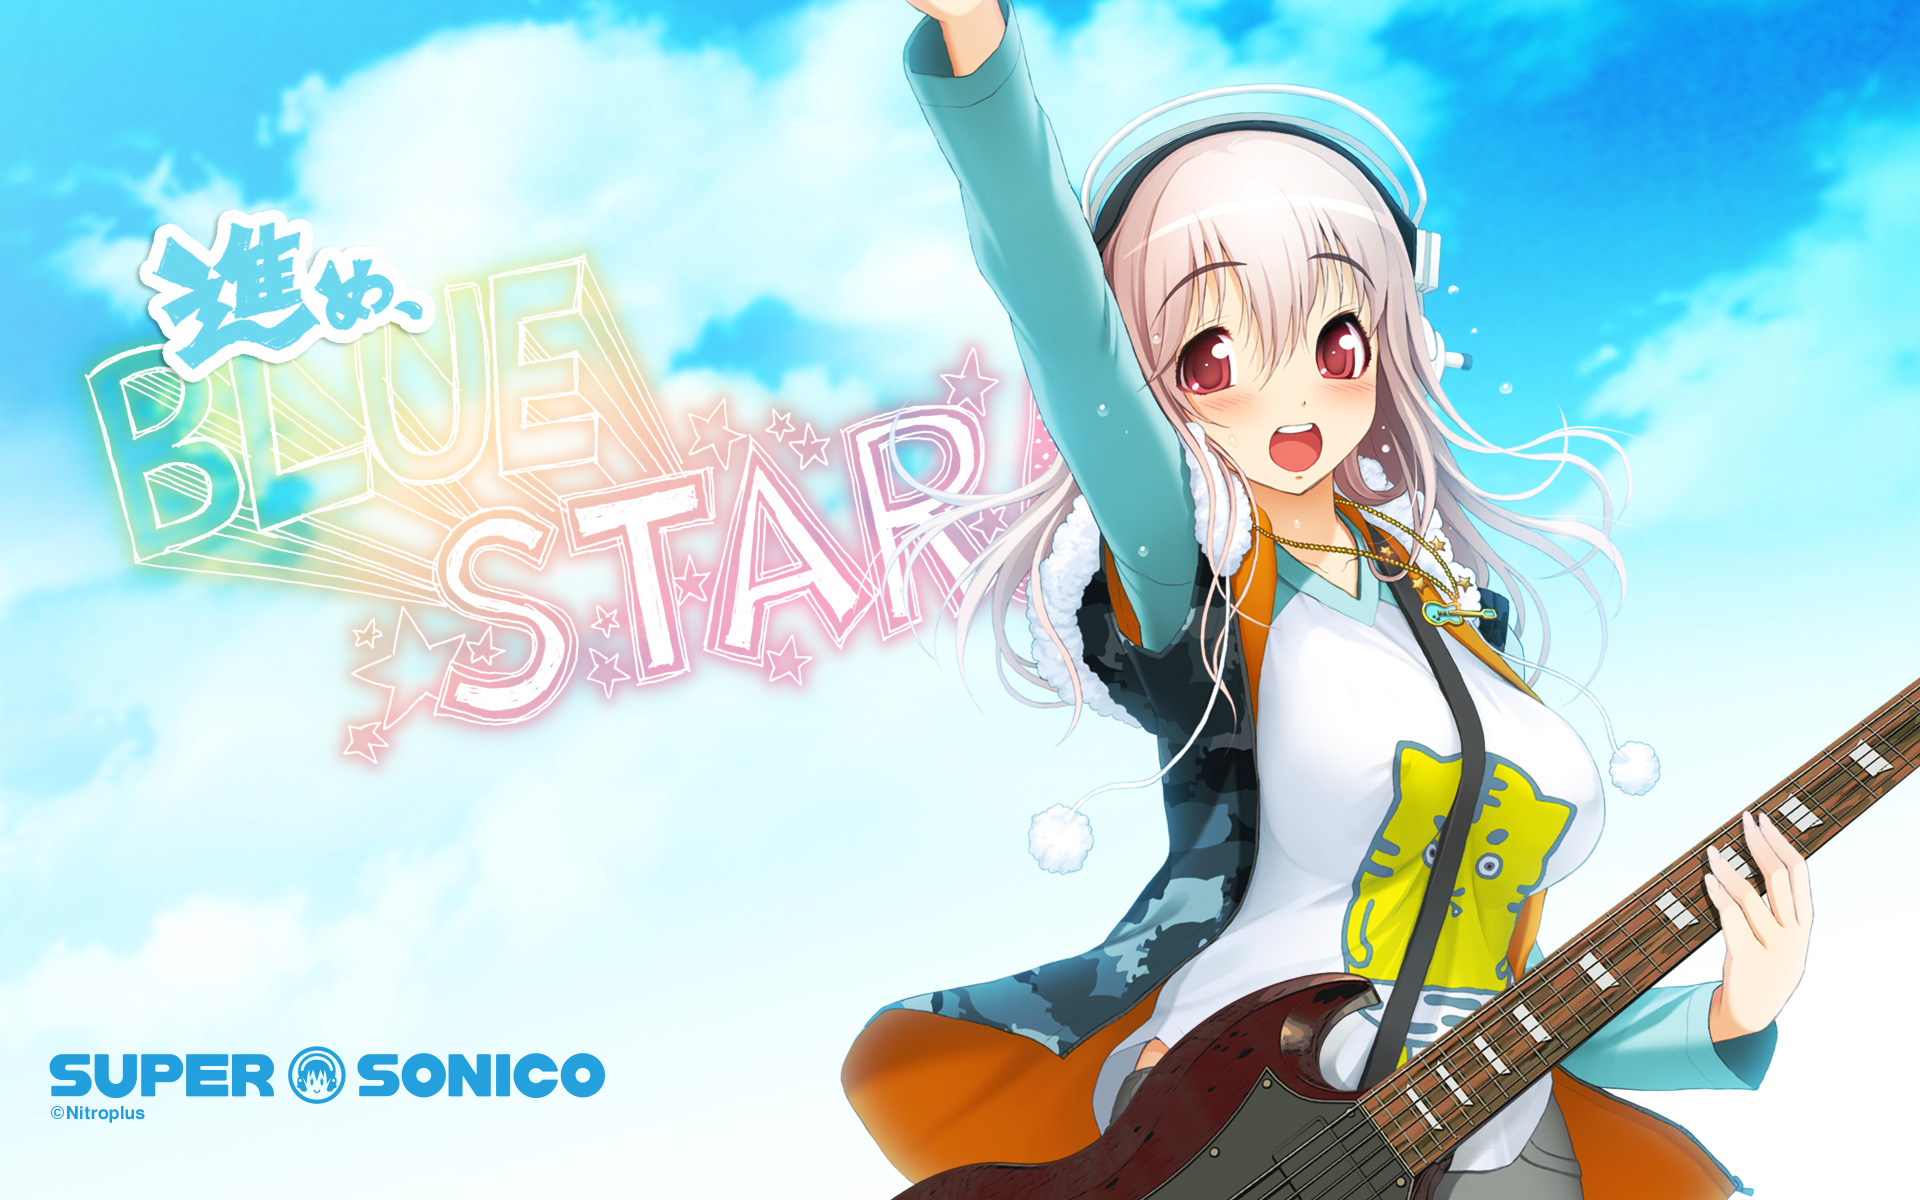 Картинки с девушкой и гитарой